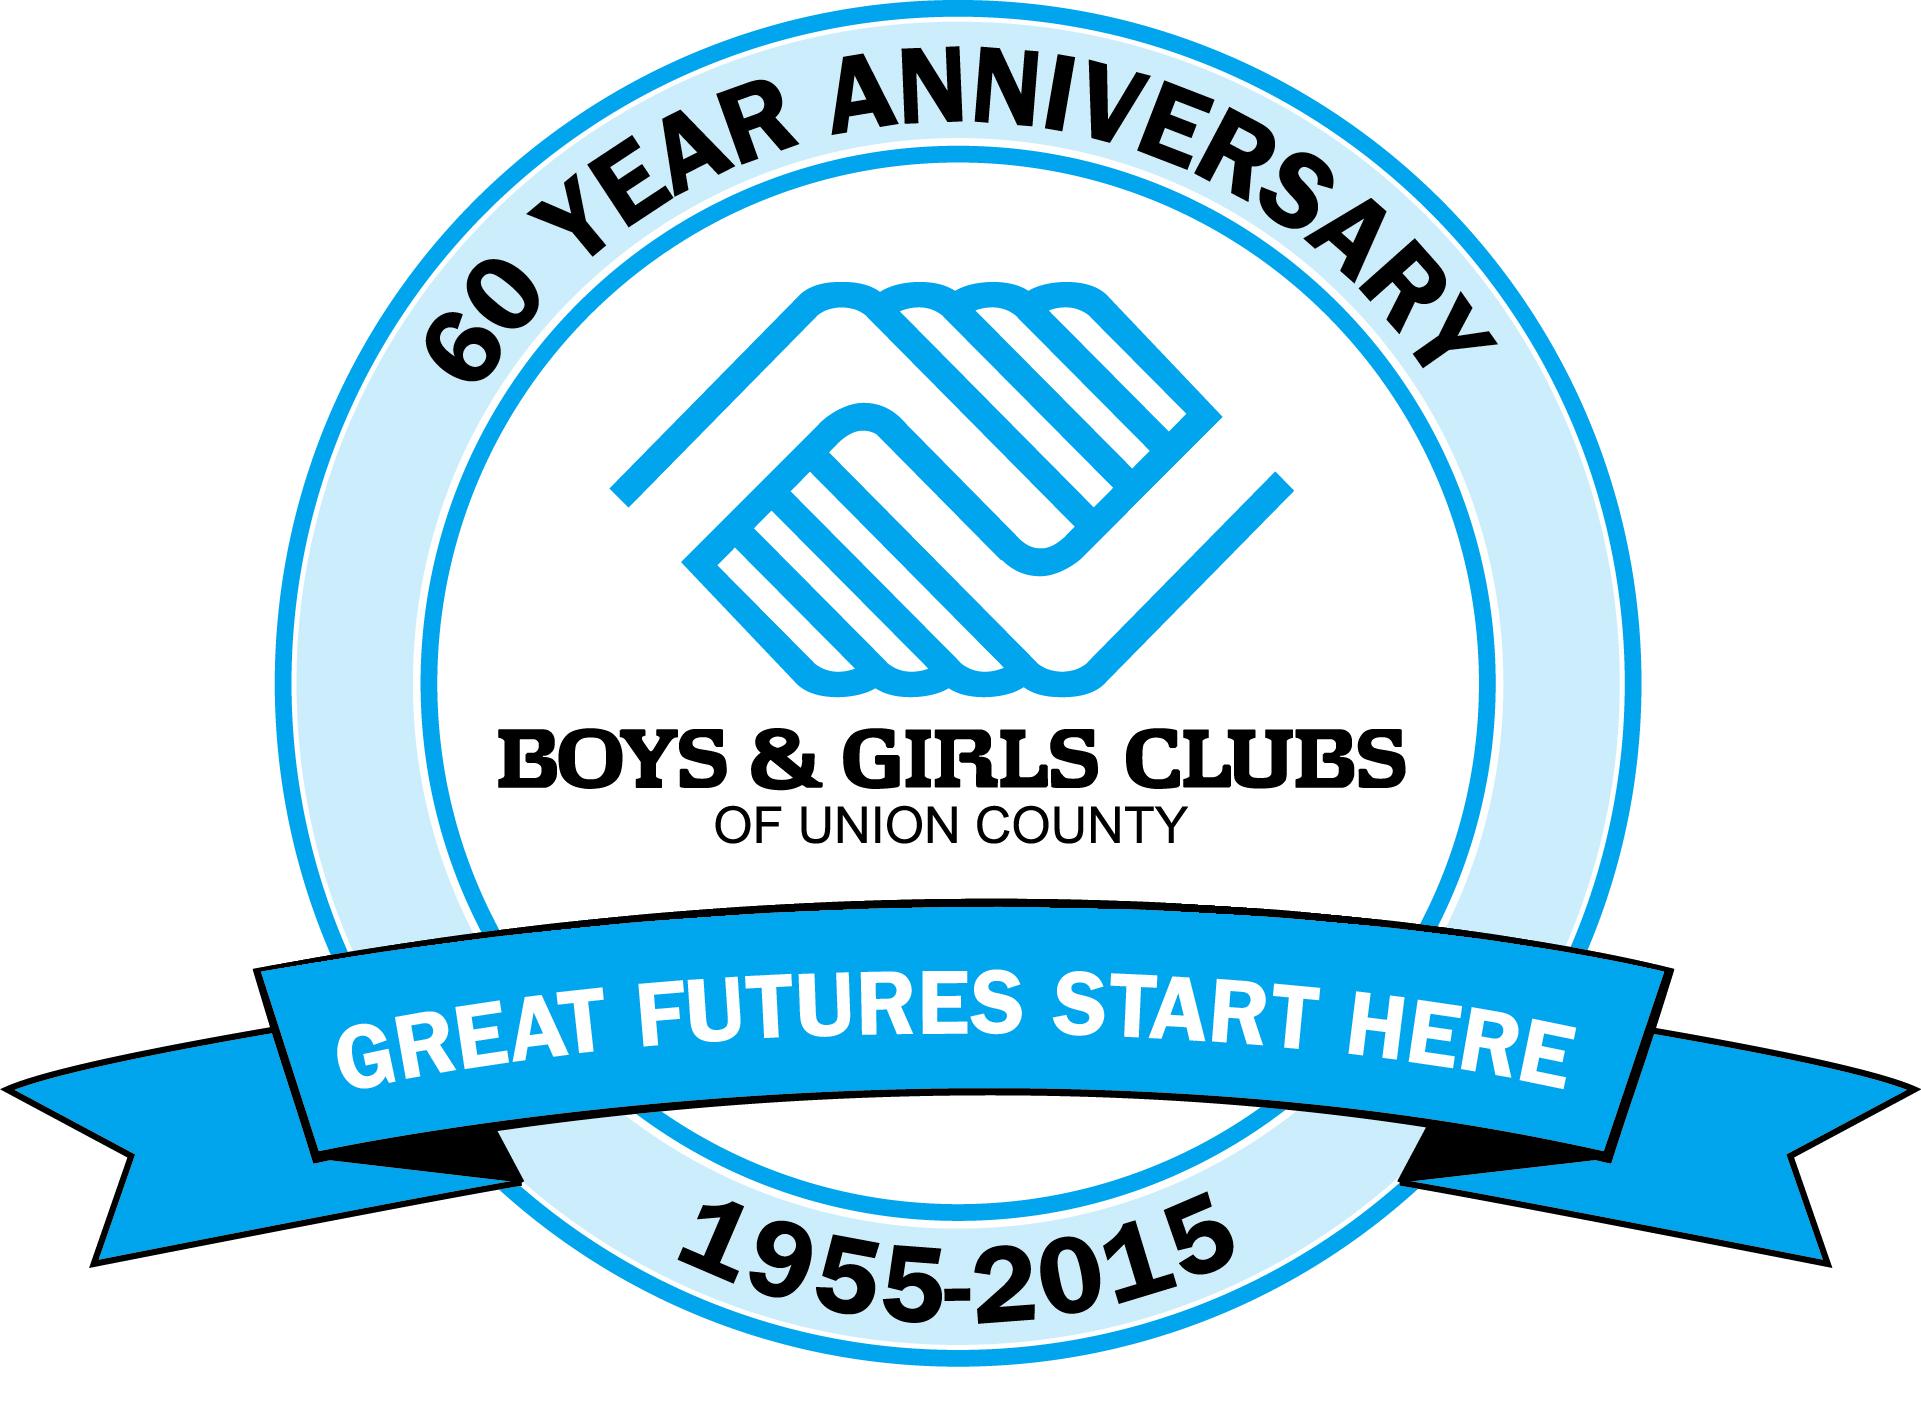 8180364799663f6eac54_c7688484ed42321b9143_Boys__Girls_Club_60th_Anniversary_logo.jpg